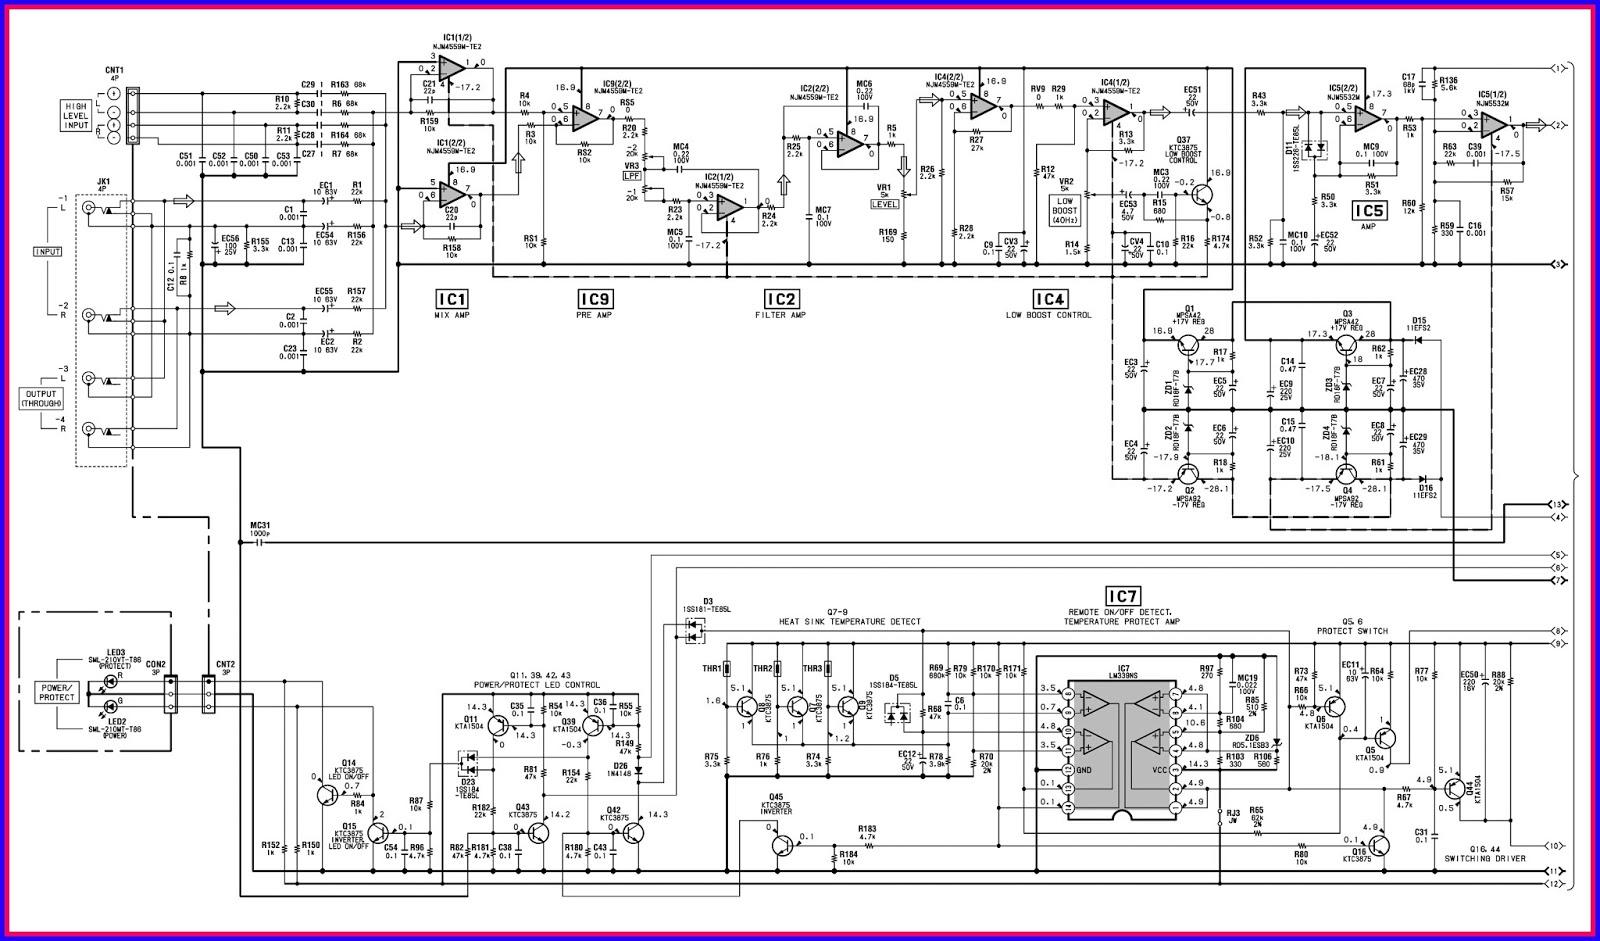 Sony Xplod Cdx Gt22W Wiring Diagram | Wiring Diagram - Sony Explod Wiring Diagram